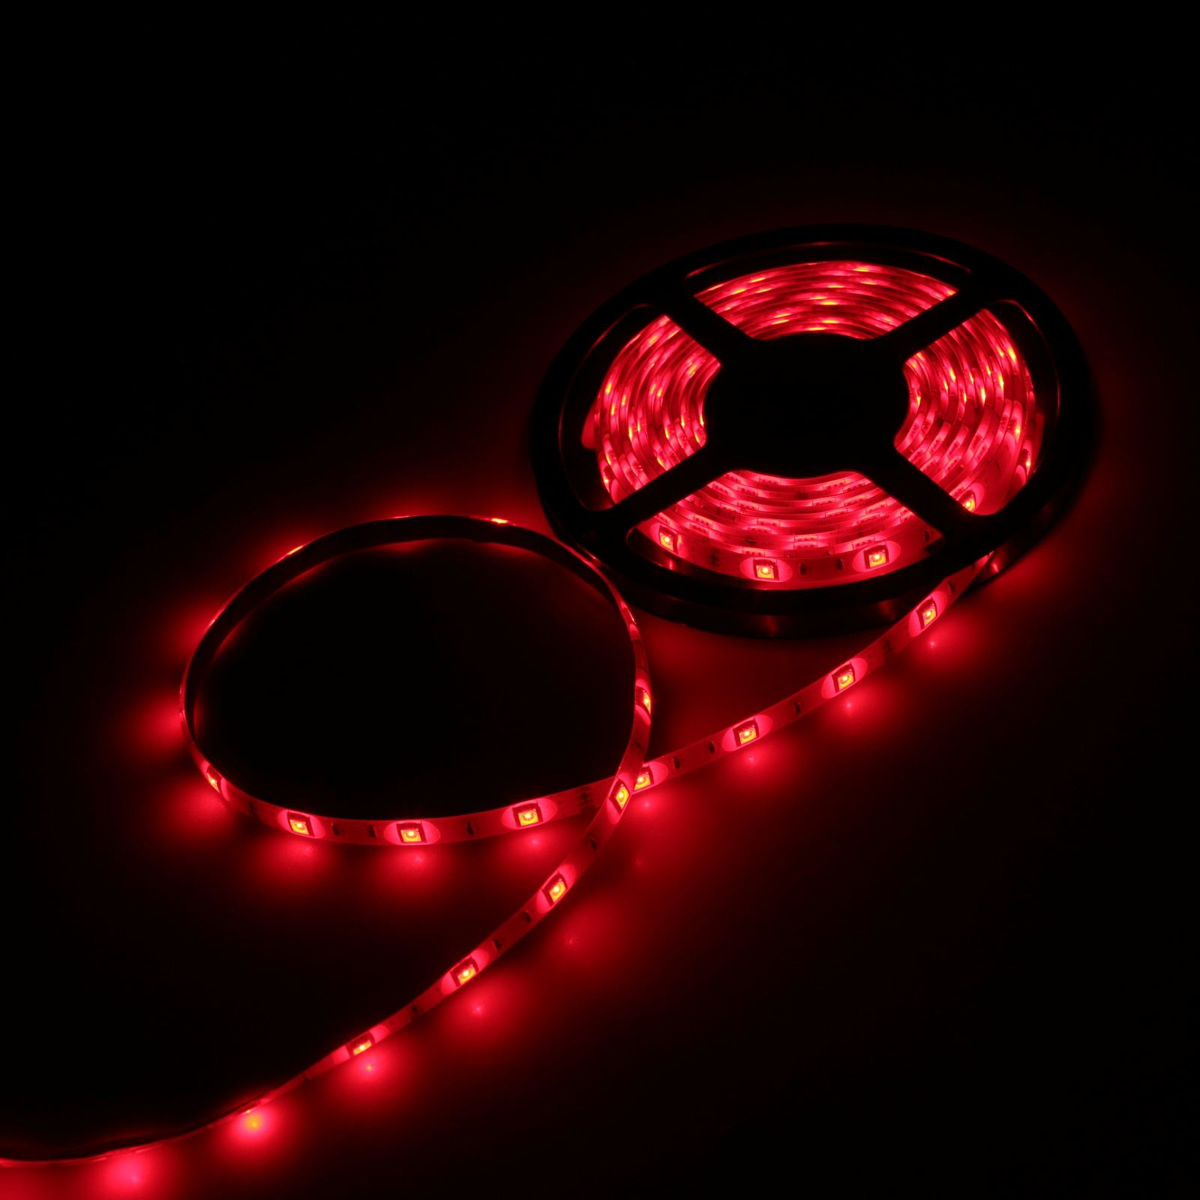 Светодиодная лента Luazon, 12В, SMD5050, длина 5 м, IP65, 30 LED ламп, 7.2 Вт/м, 14-16 Лм/1 LED, DC, цвет: красный883923Светодиодные гирлянды, ленты и т.д — это отличный вариант для новогоднего оформления интерьера или фасада. С их помощью помещение любого размера можно превратить в праздничный зал, а внешние элементы зданий, украшенные ими, мгновенно станут напоминать очертания сказочного дворца. Такие украшения создают ауру предвкушения чуда. Деревья, фасады, витрины, окна и арки будто специально созданы, чтобы вы украсили их светящимися нитями.